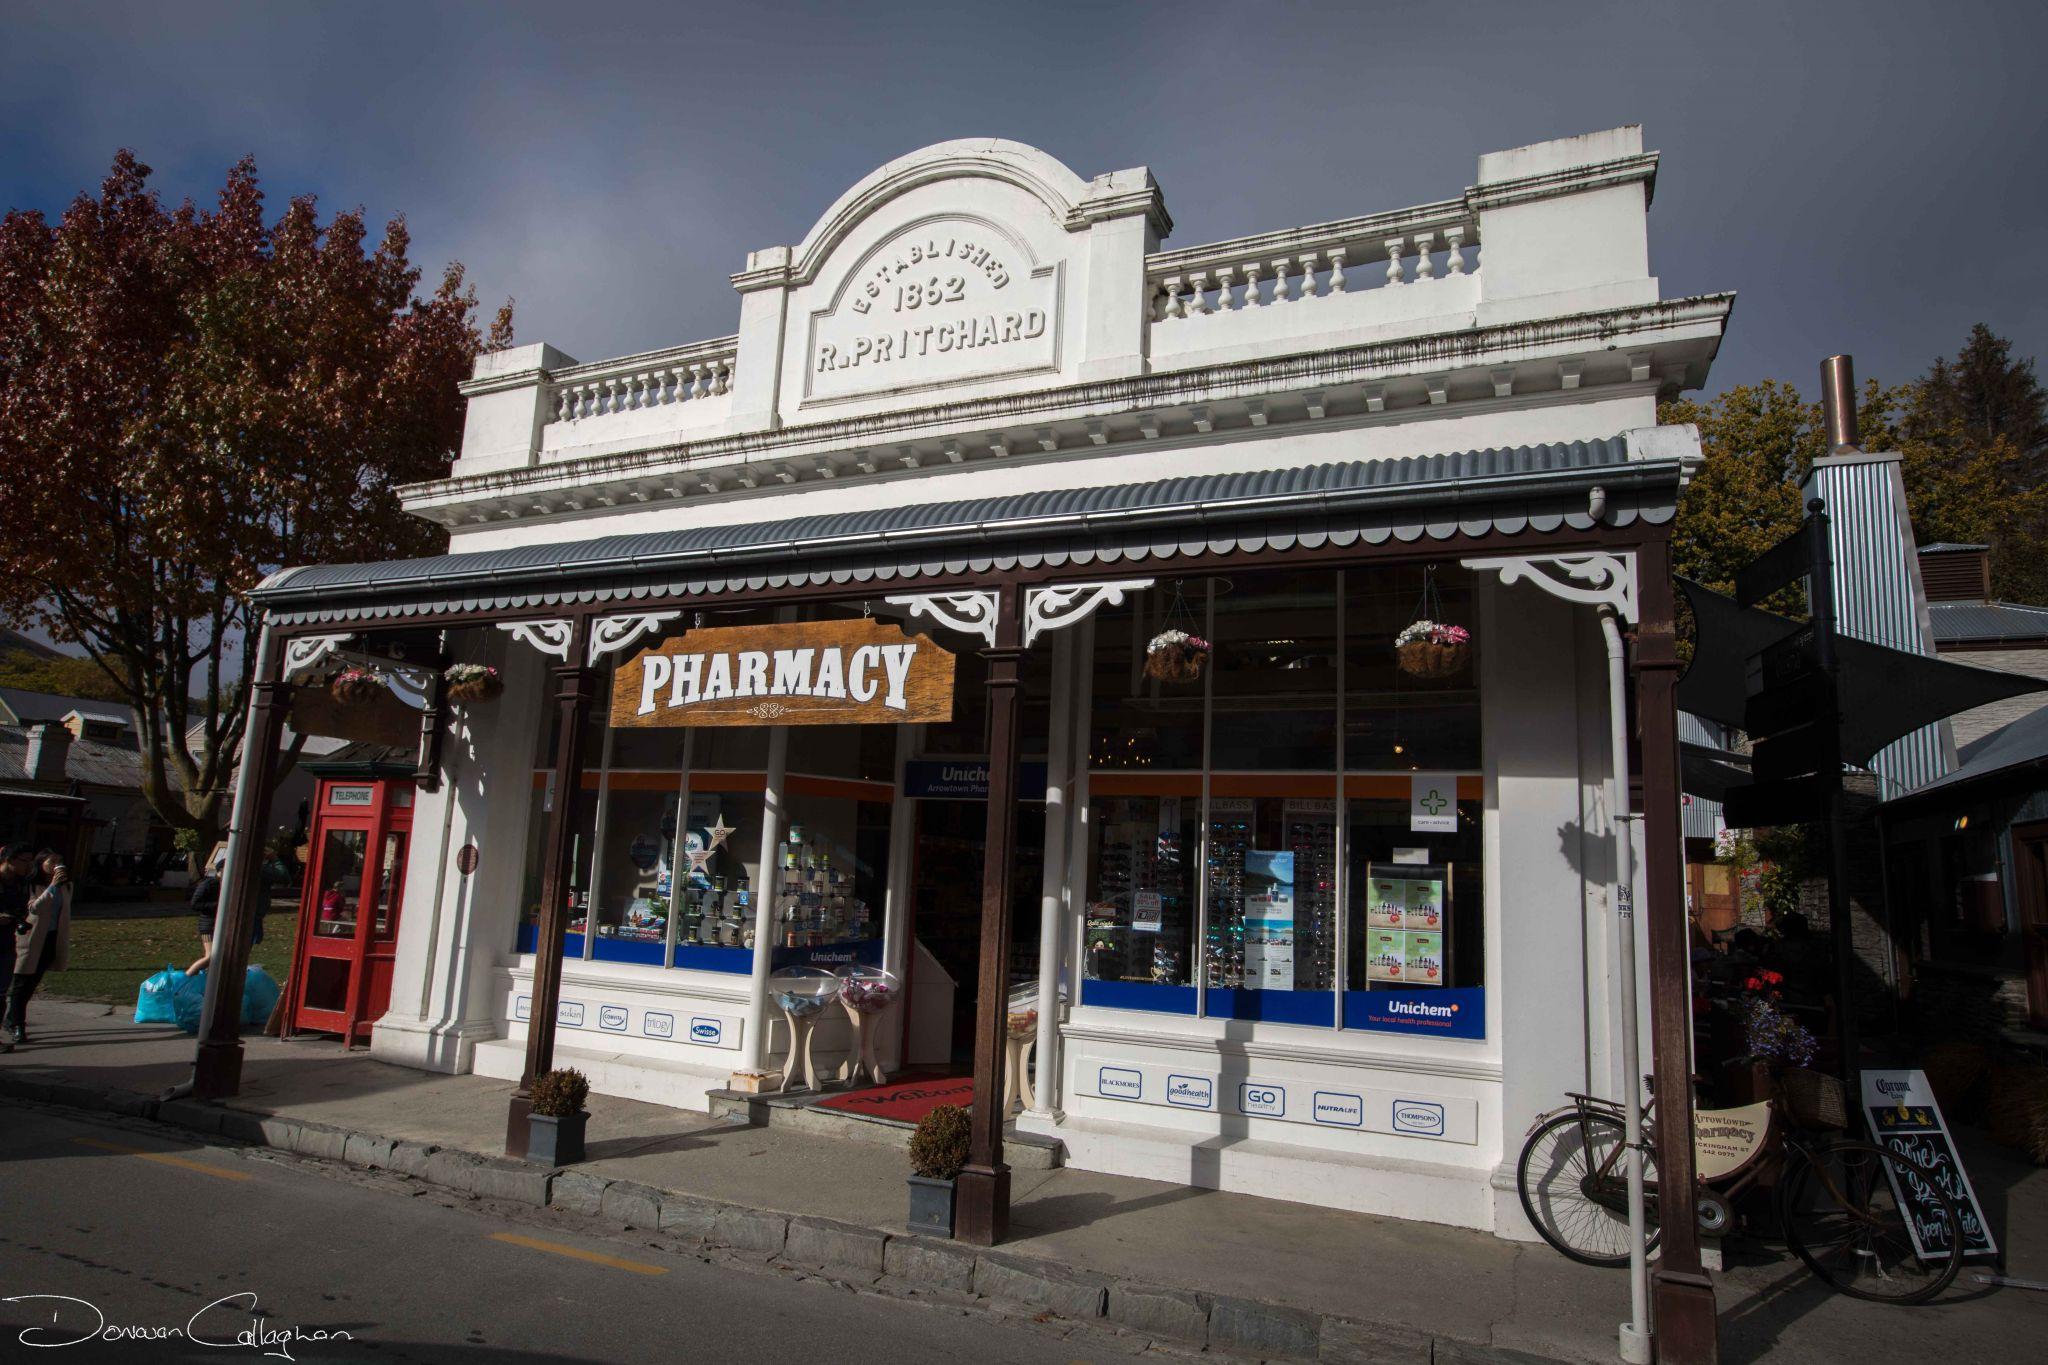 Pharmacy Store Arrowtown, New Zealand